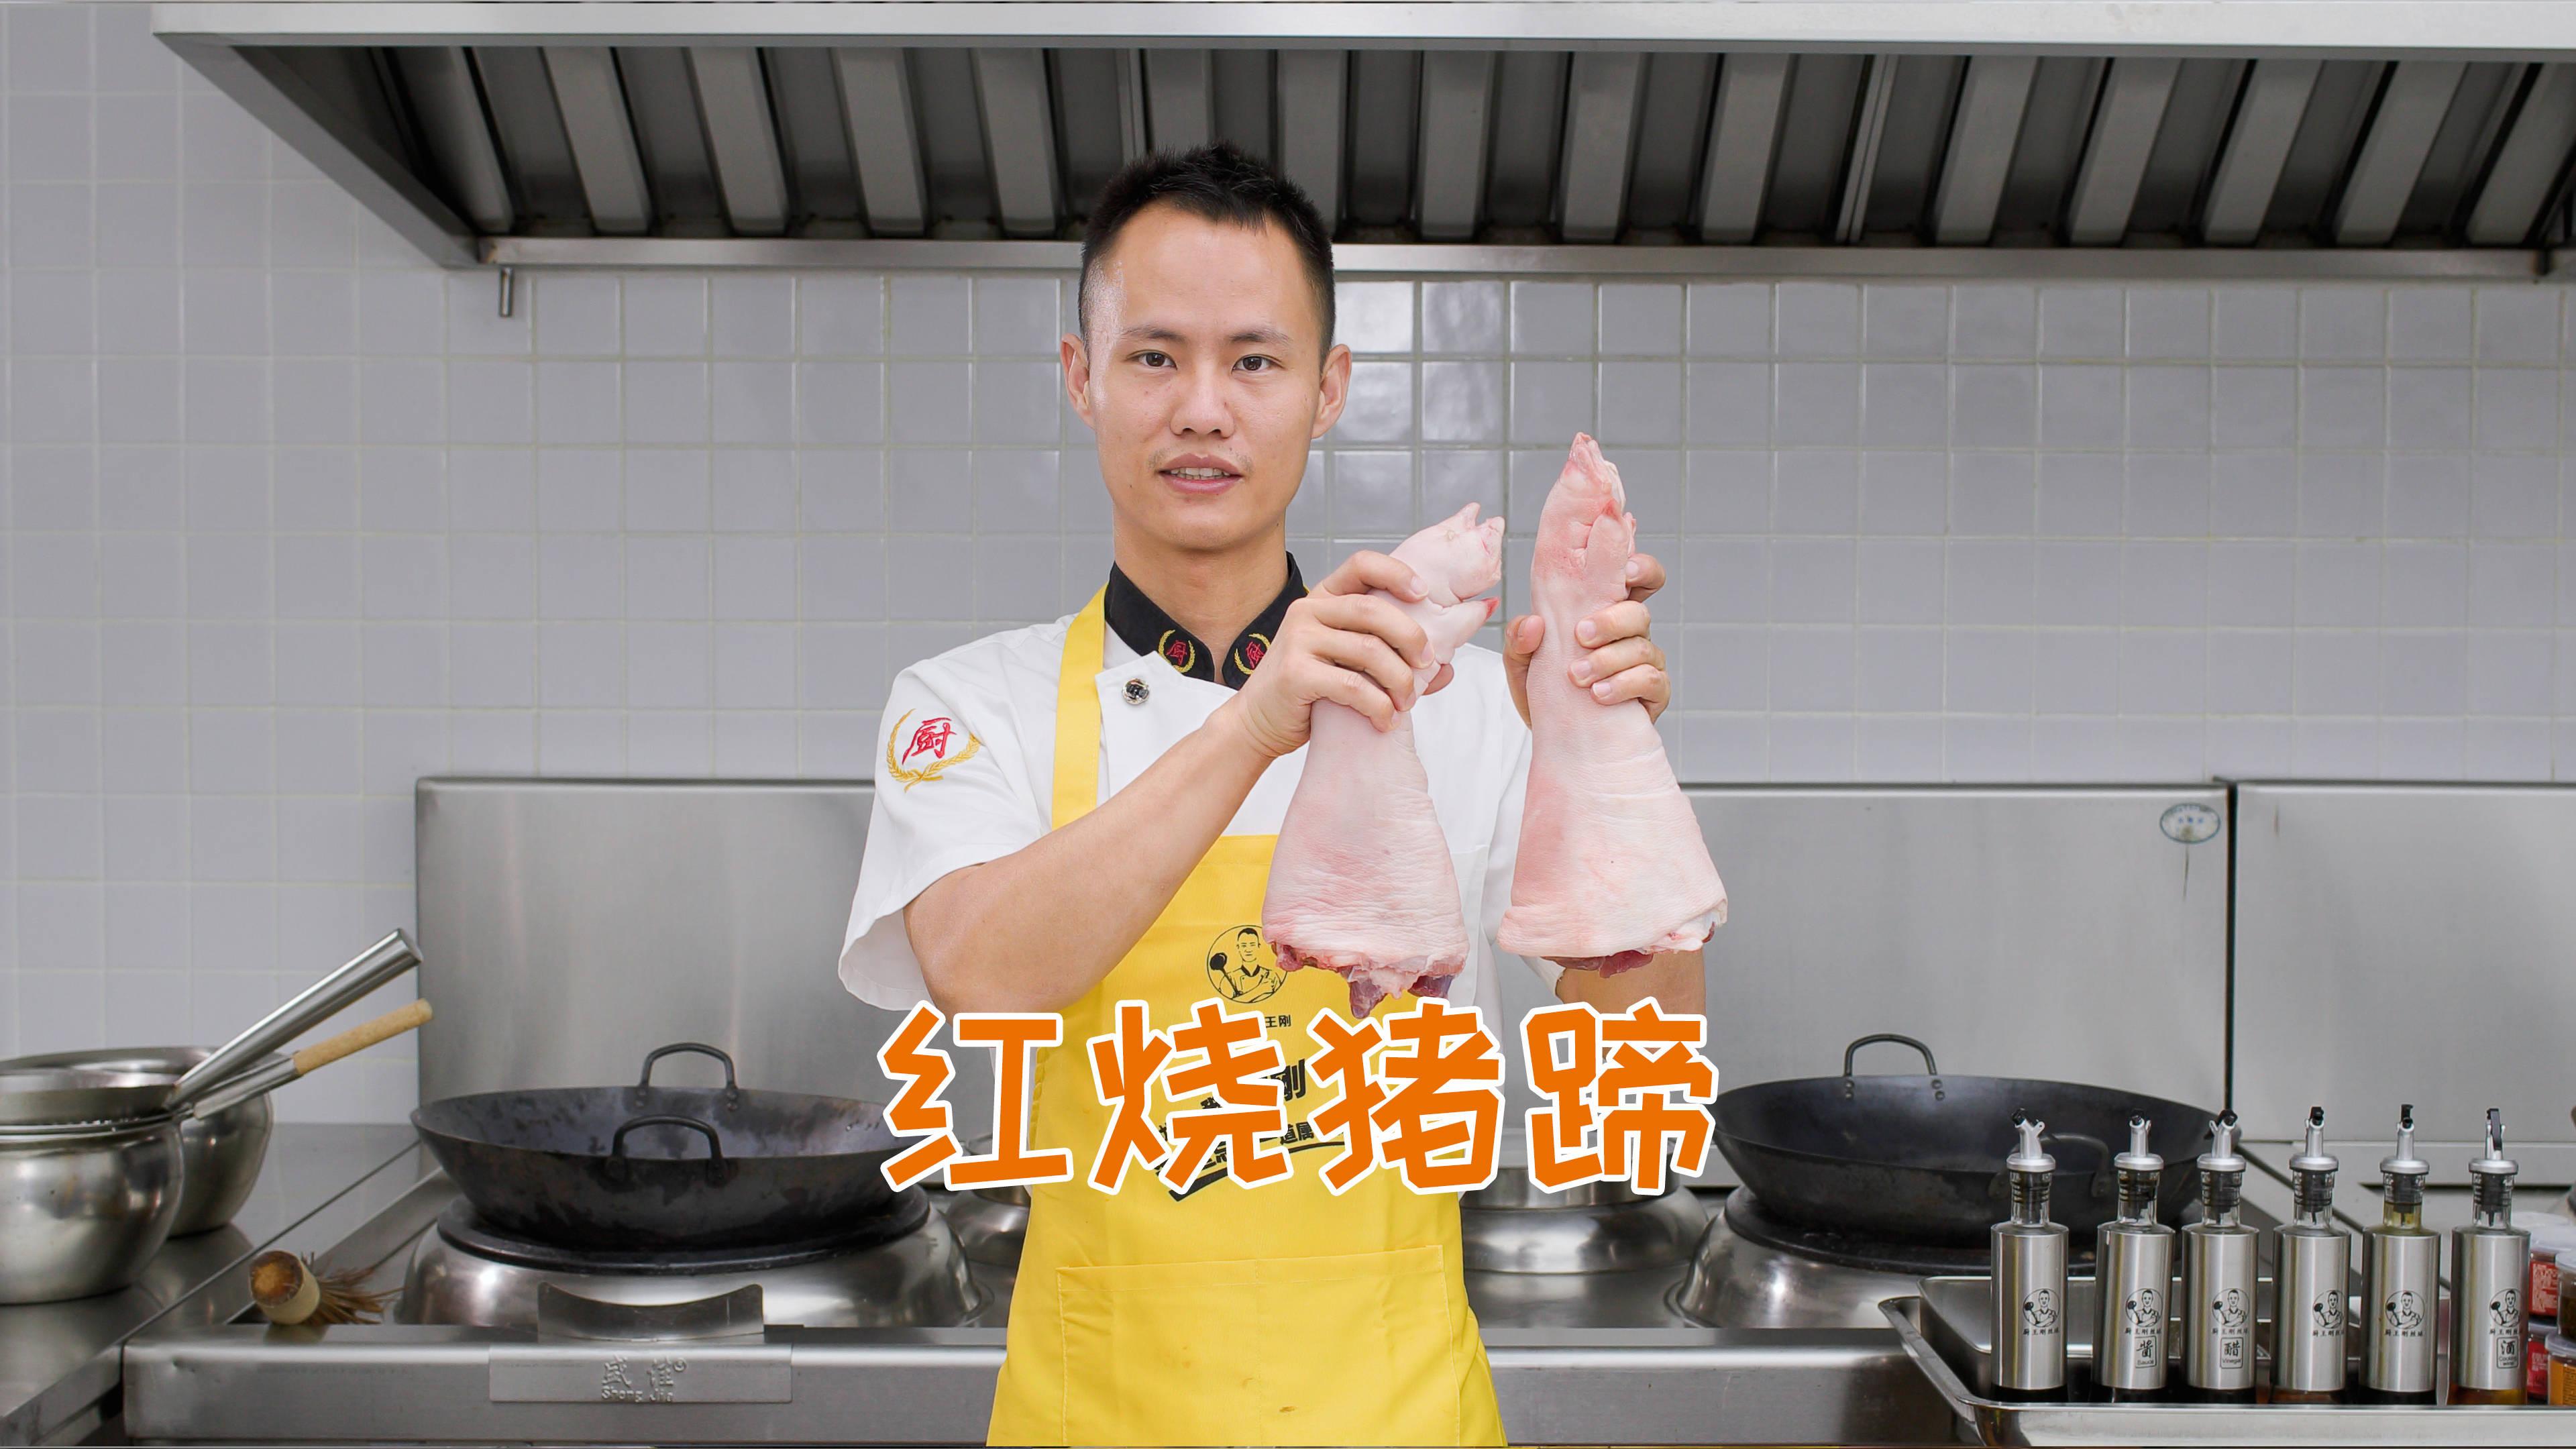 """厨师长教你:""""红烧猪蹄""""的家常做法,色泽红亮,软糯脱骨am9"""